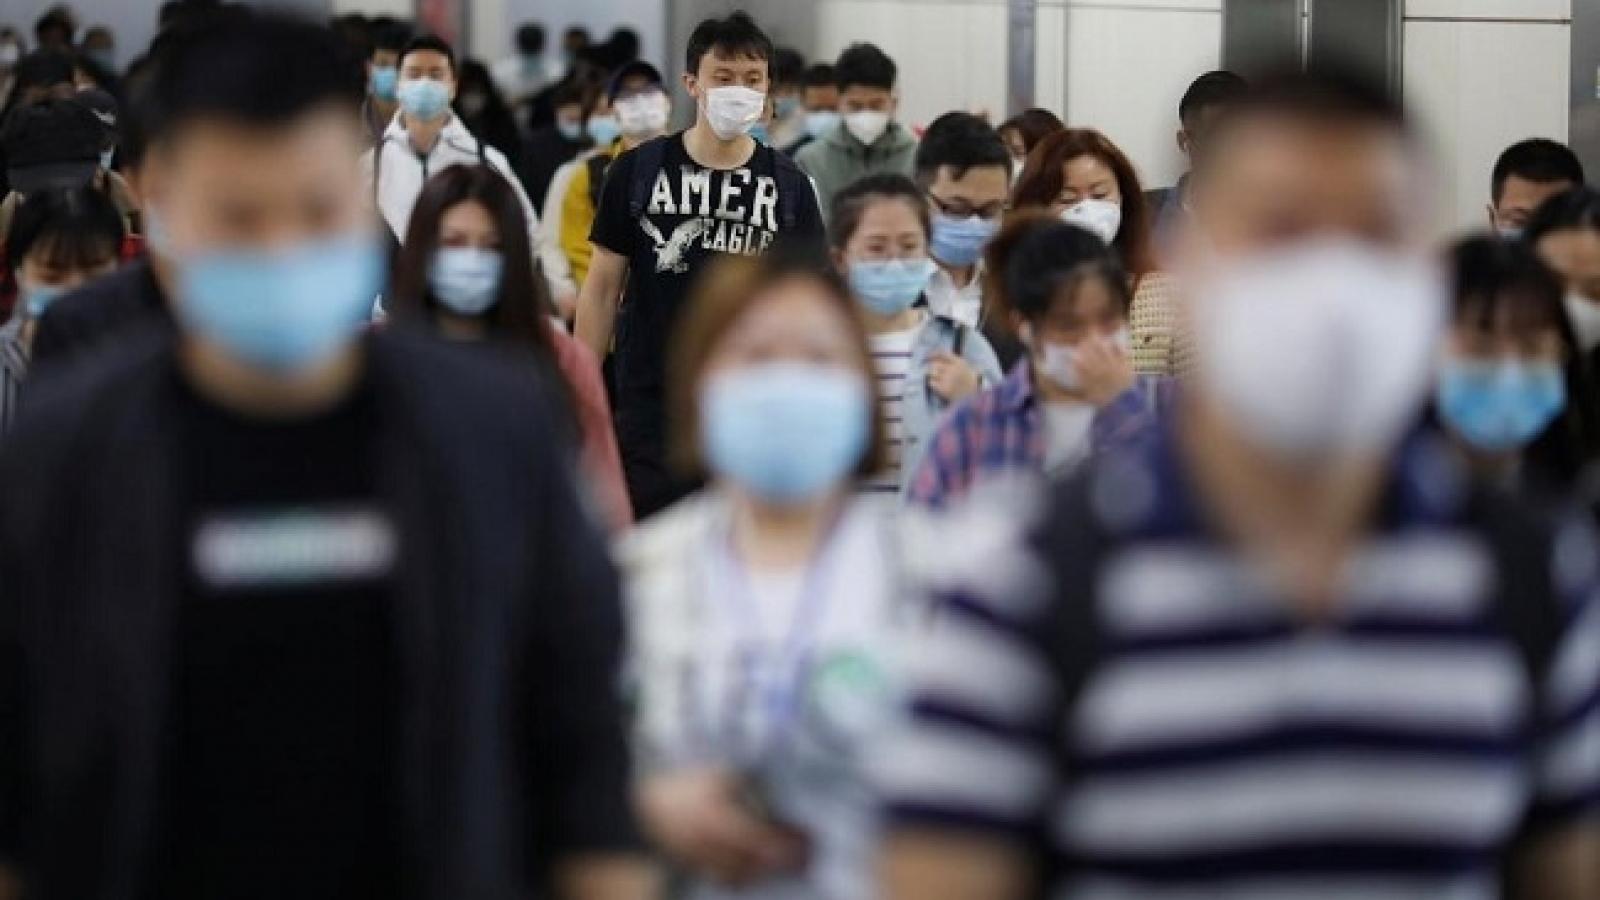 Phát hiện thêm 3 ca Covid-19 không triệu chứng ở Thanh Đảo (Trung Quốc)